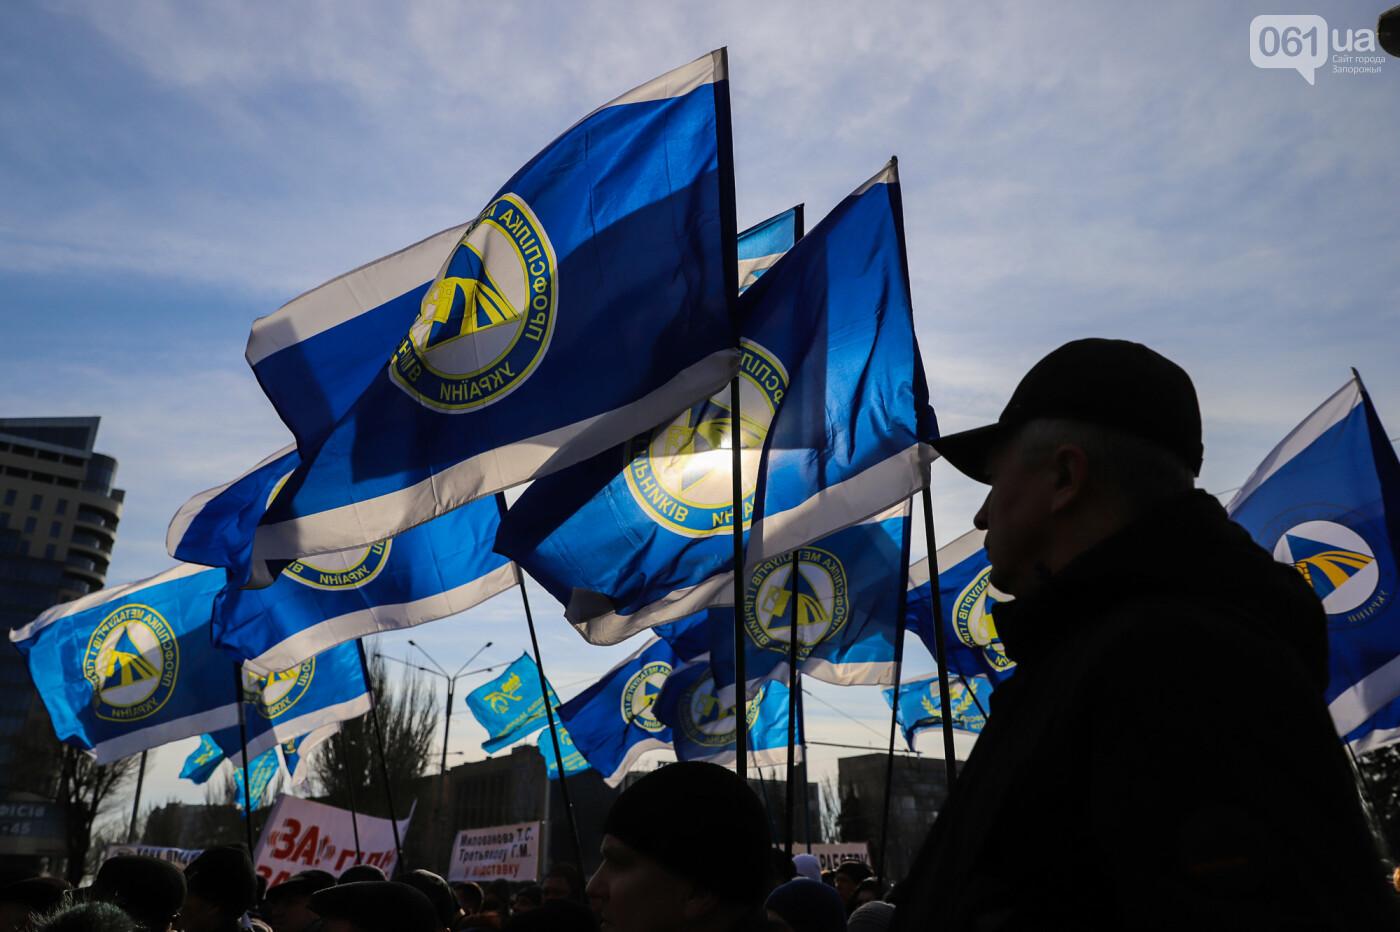 В Запорожье на протестную акцию профсоюзов «Волна гнева» вышло около 2000 человек, - ФОТОРЕПОРТАЖ, фото-17